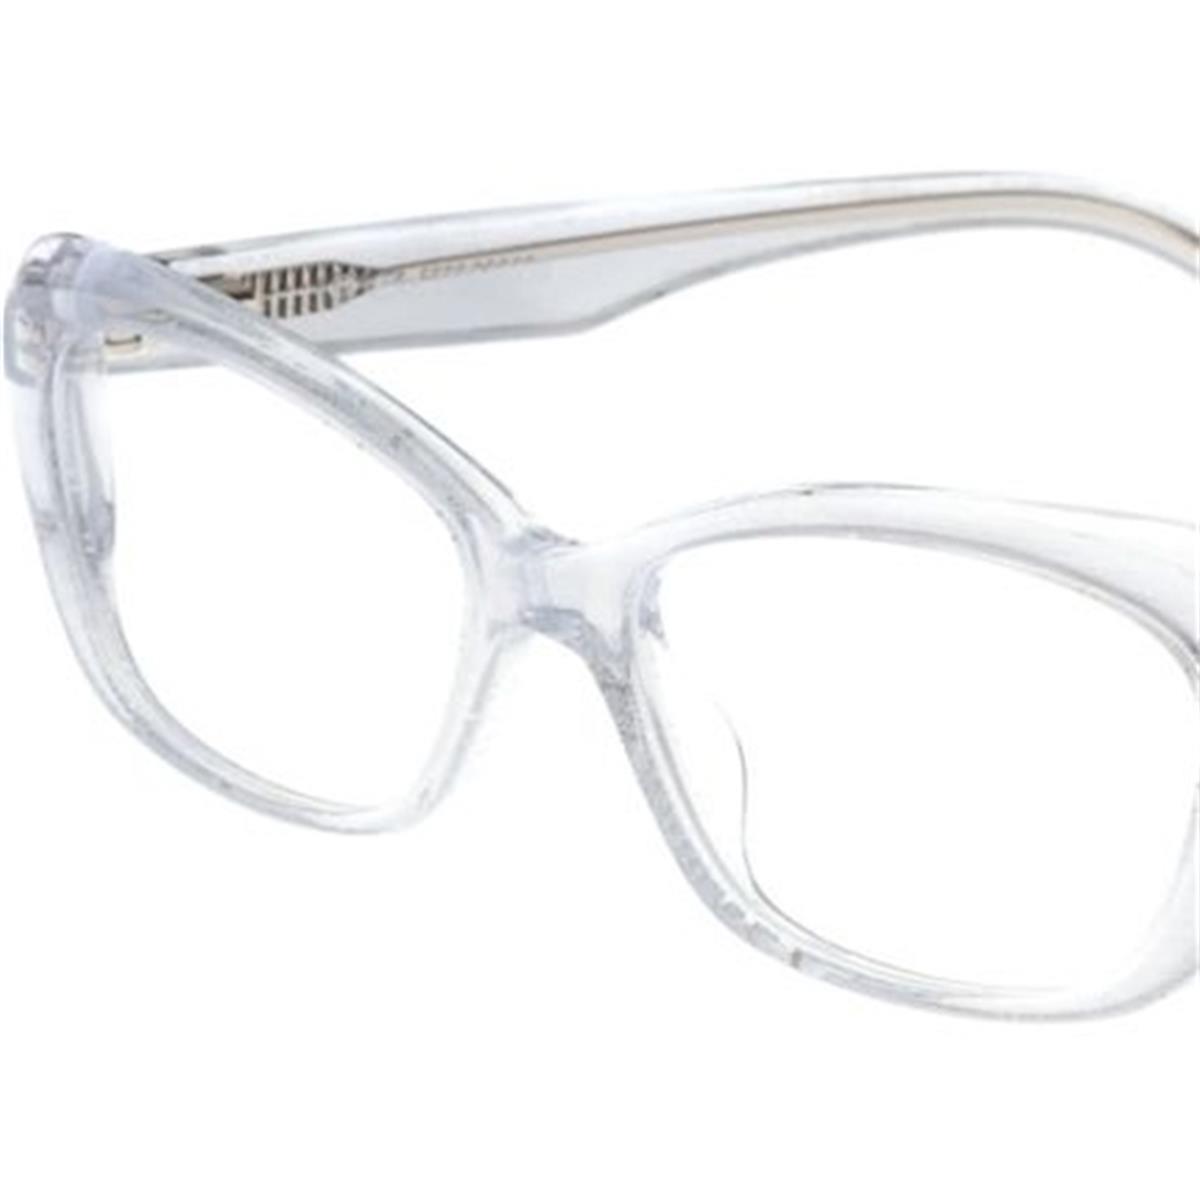 b062a76fd4106 Armação para Óculos de Grau Transparente 5500 Colcci